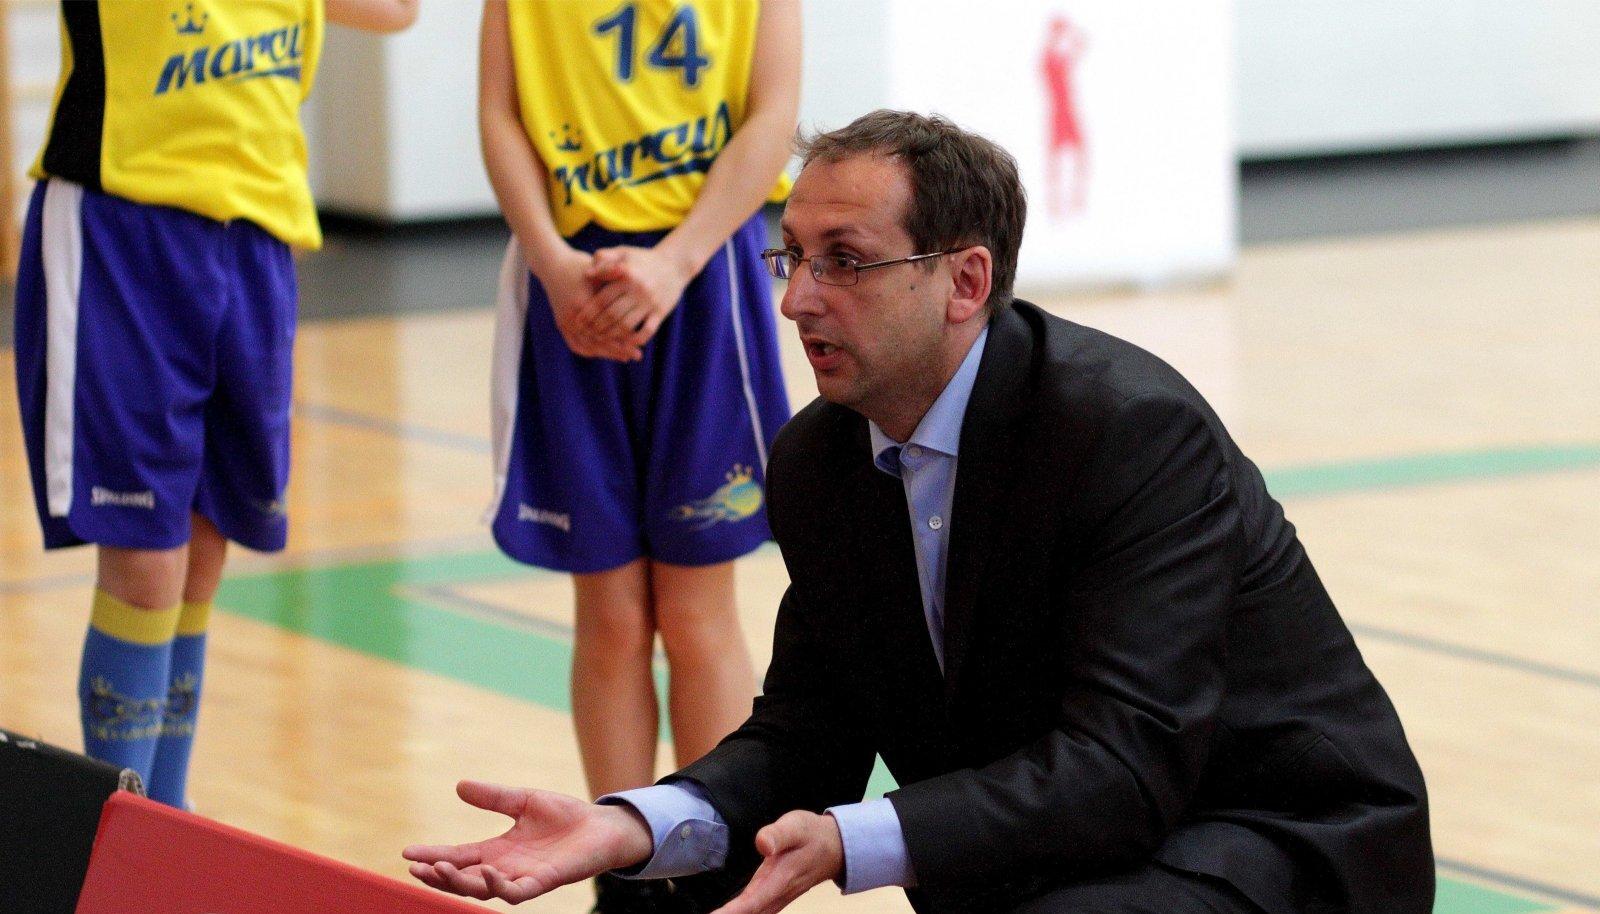 Marek Koitla on valdava enamuse oma treenerikarjäärist tegutsenud tüdrukutega.